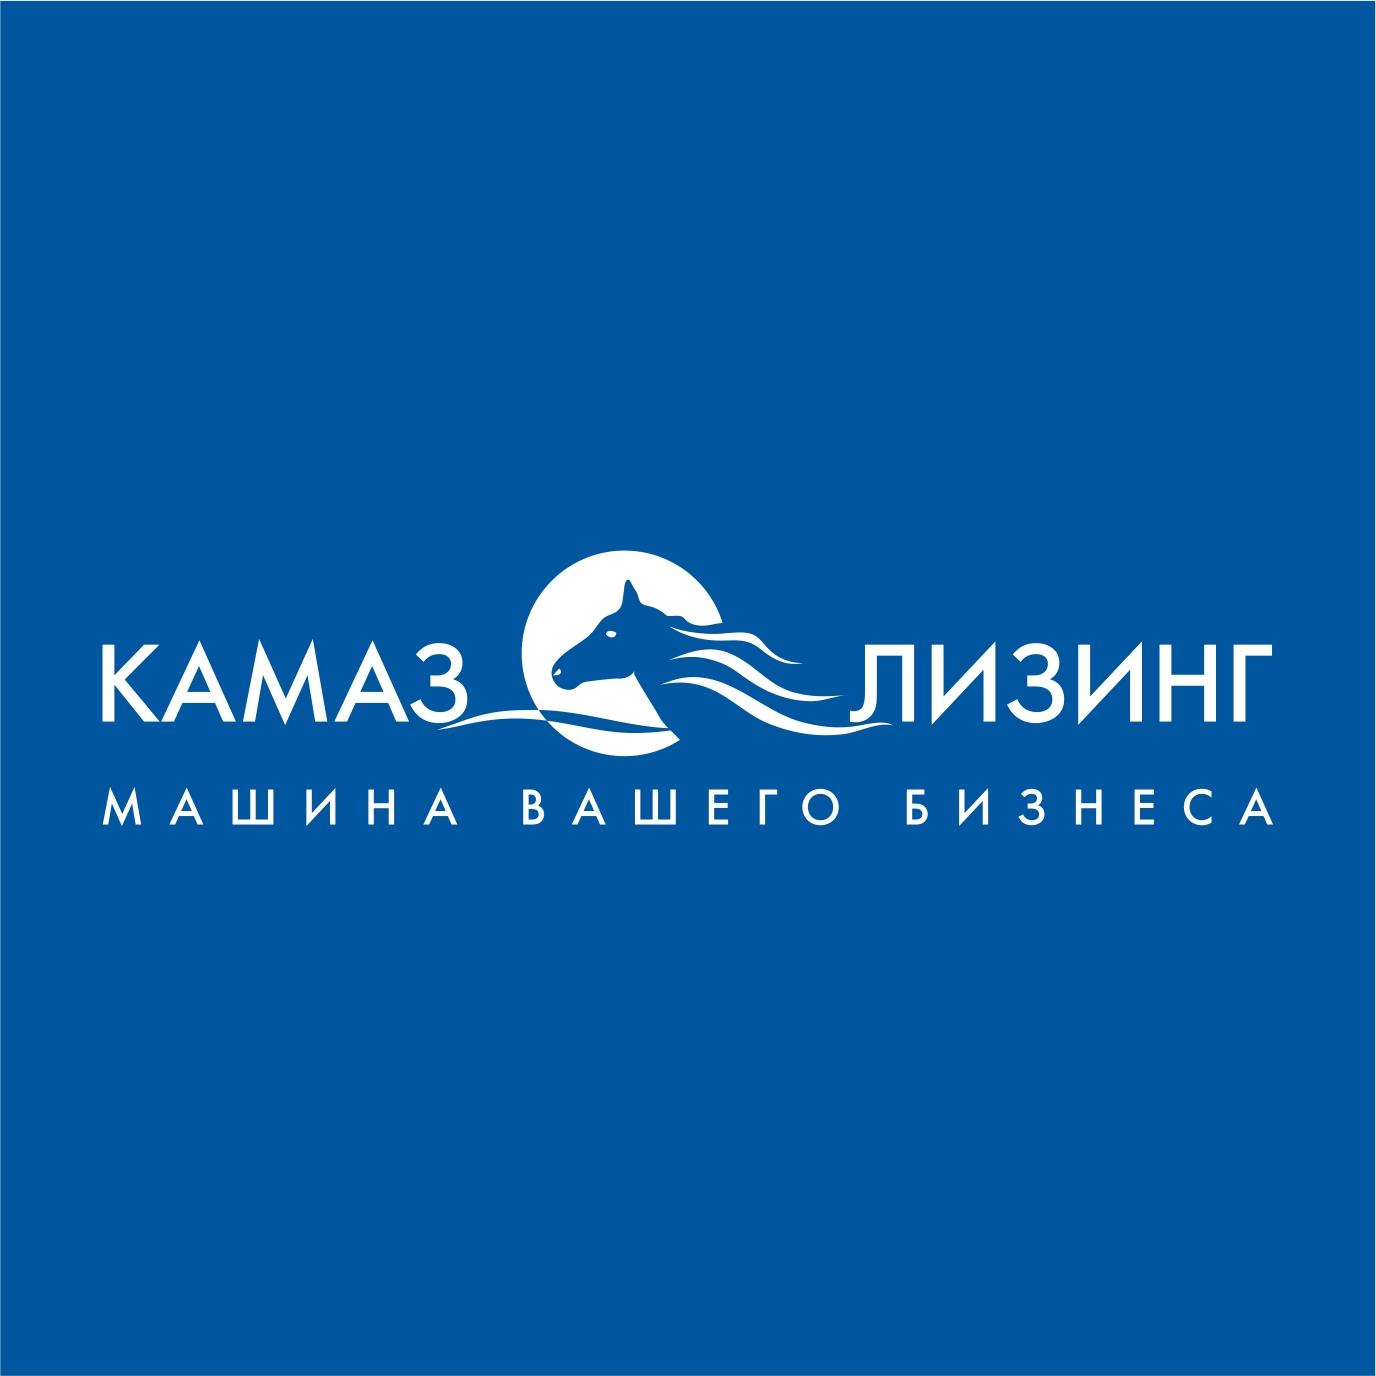 «КАМАЗ-ЛИЗИНГ» ВЫИГРАЛ В КОНСТИТУЦИОННОМ СУДЕ РФ